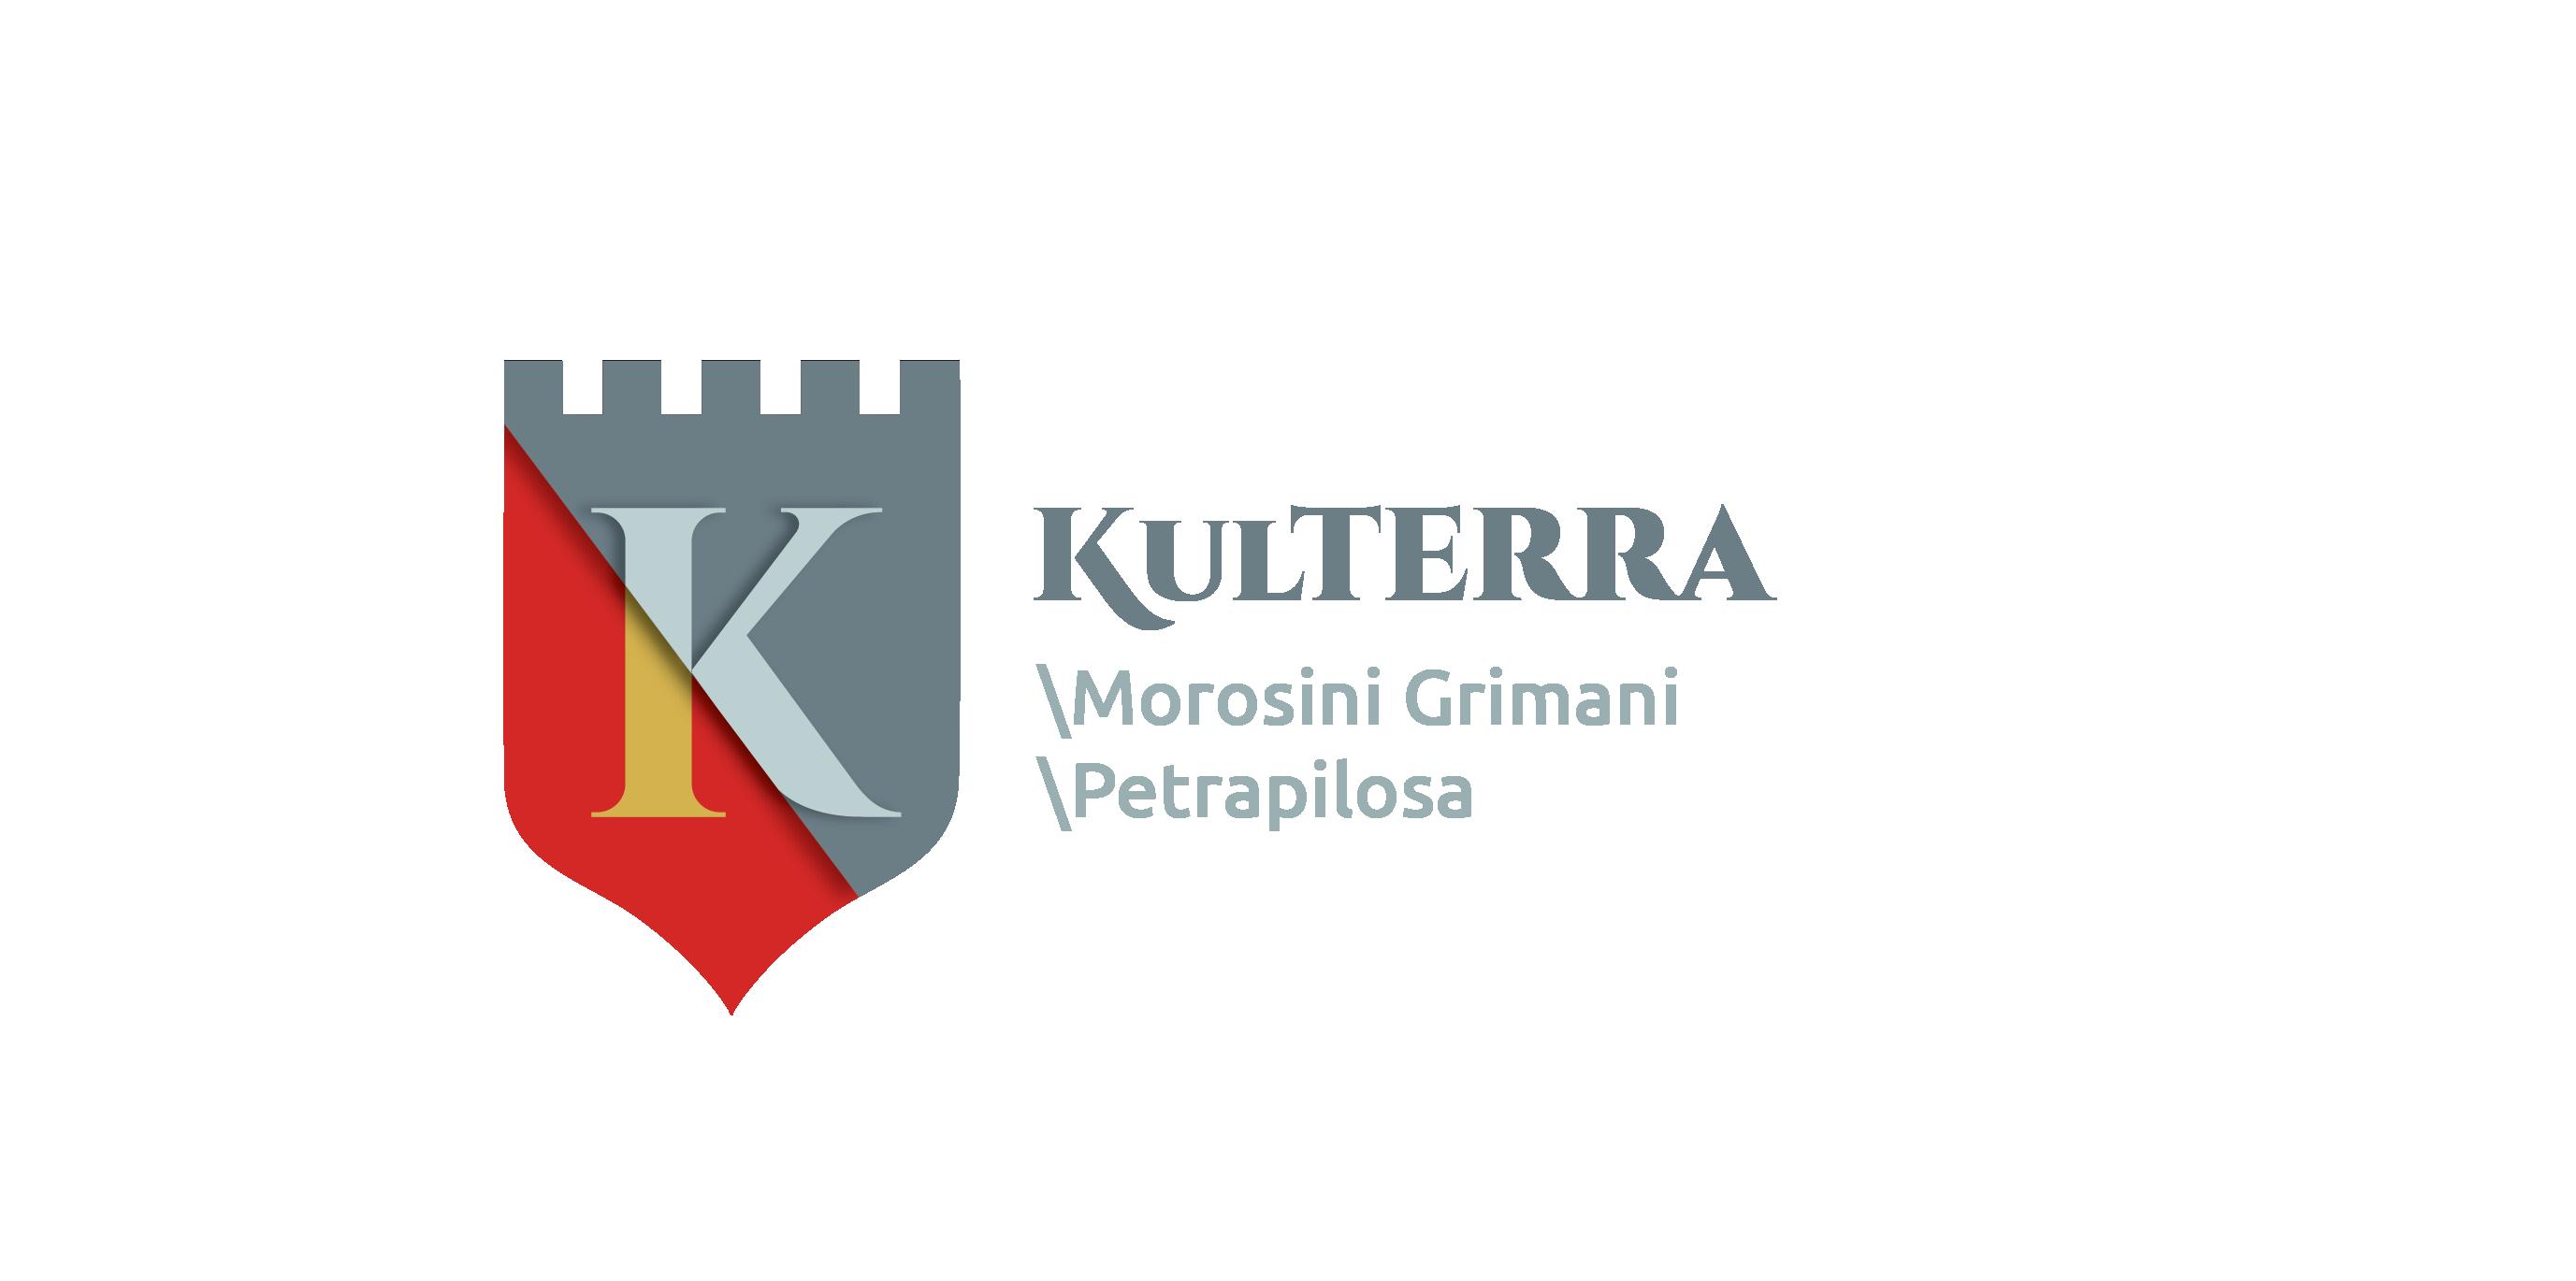 KulTERRA